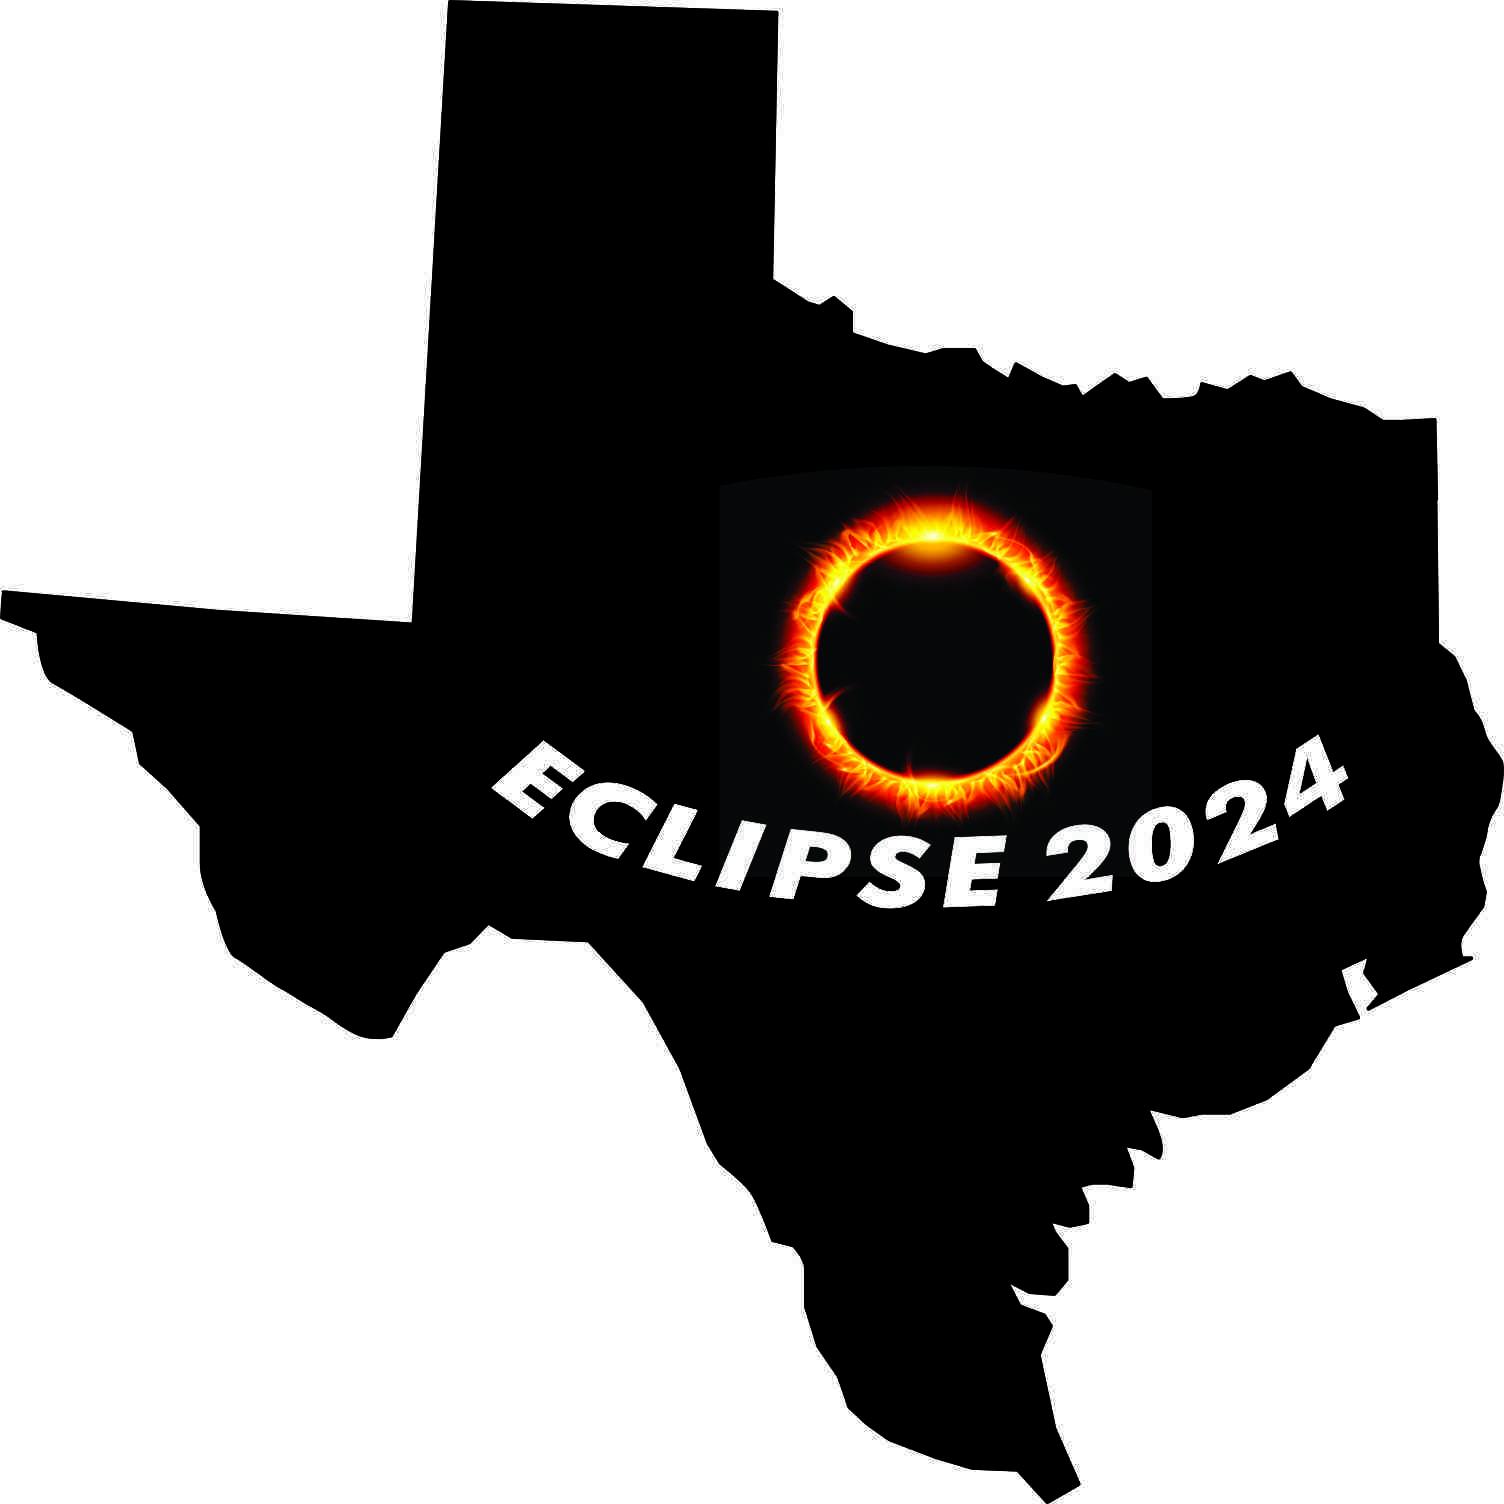 Texas Eclipse 2024 Sticker